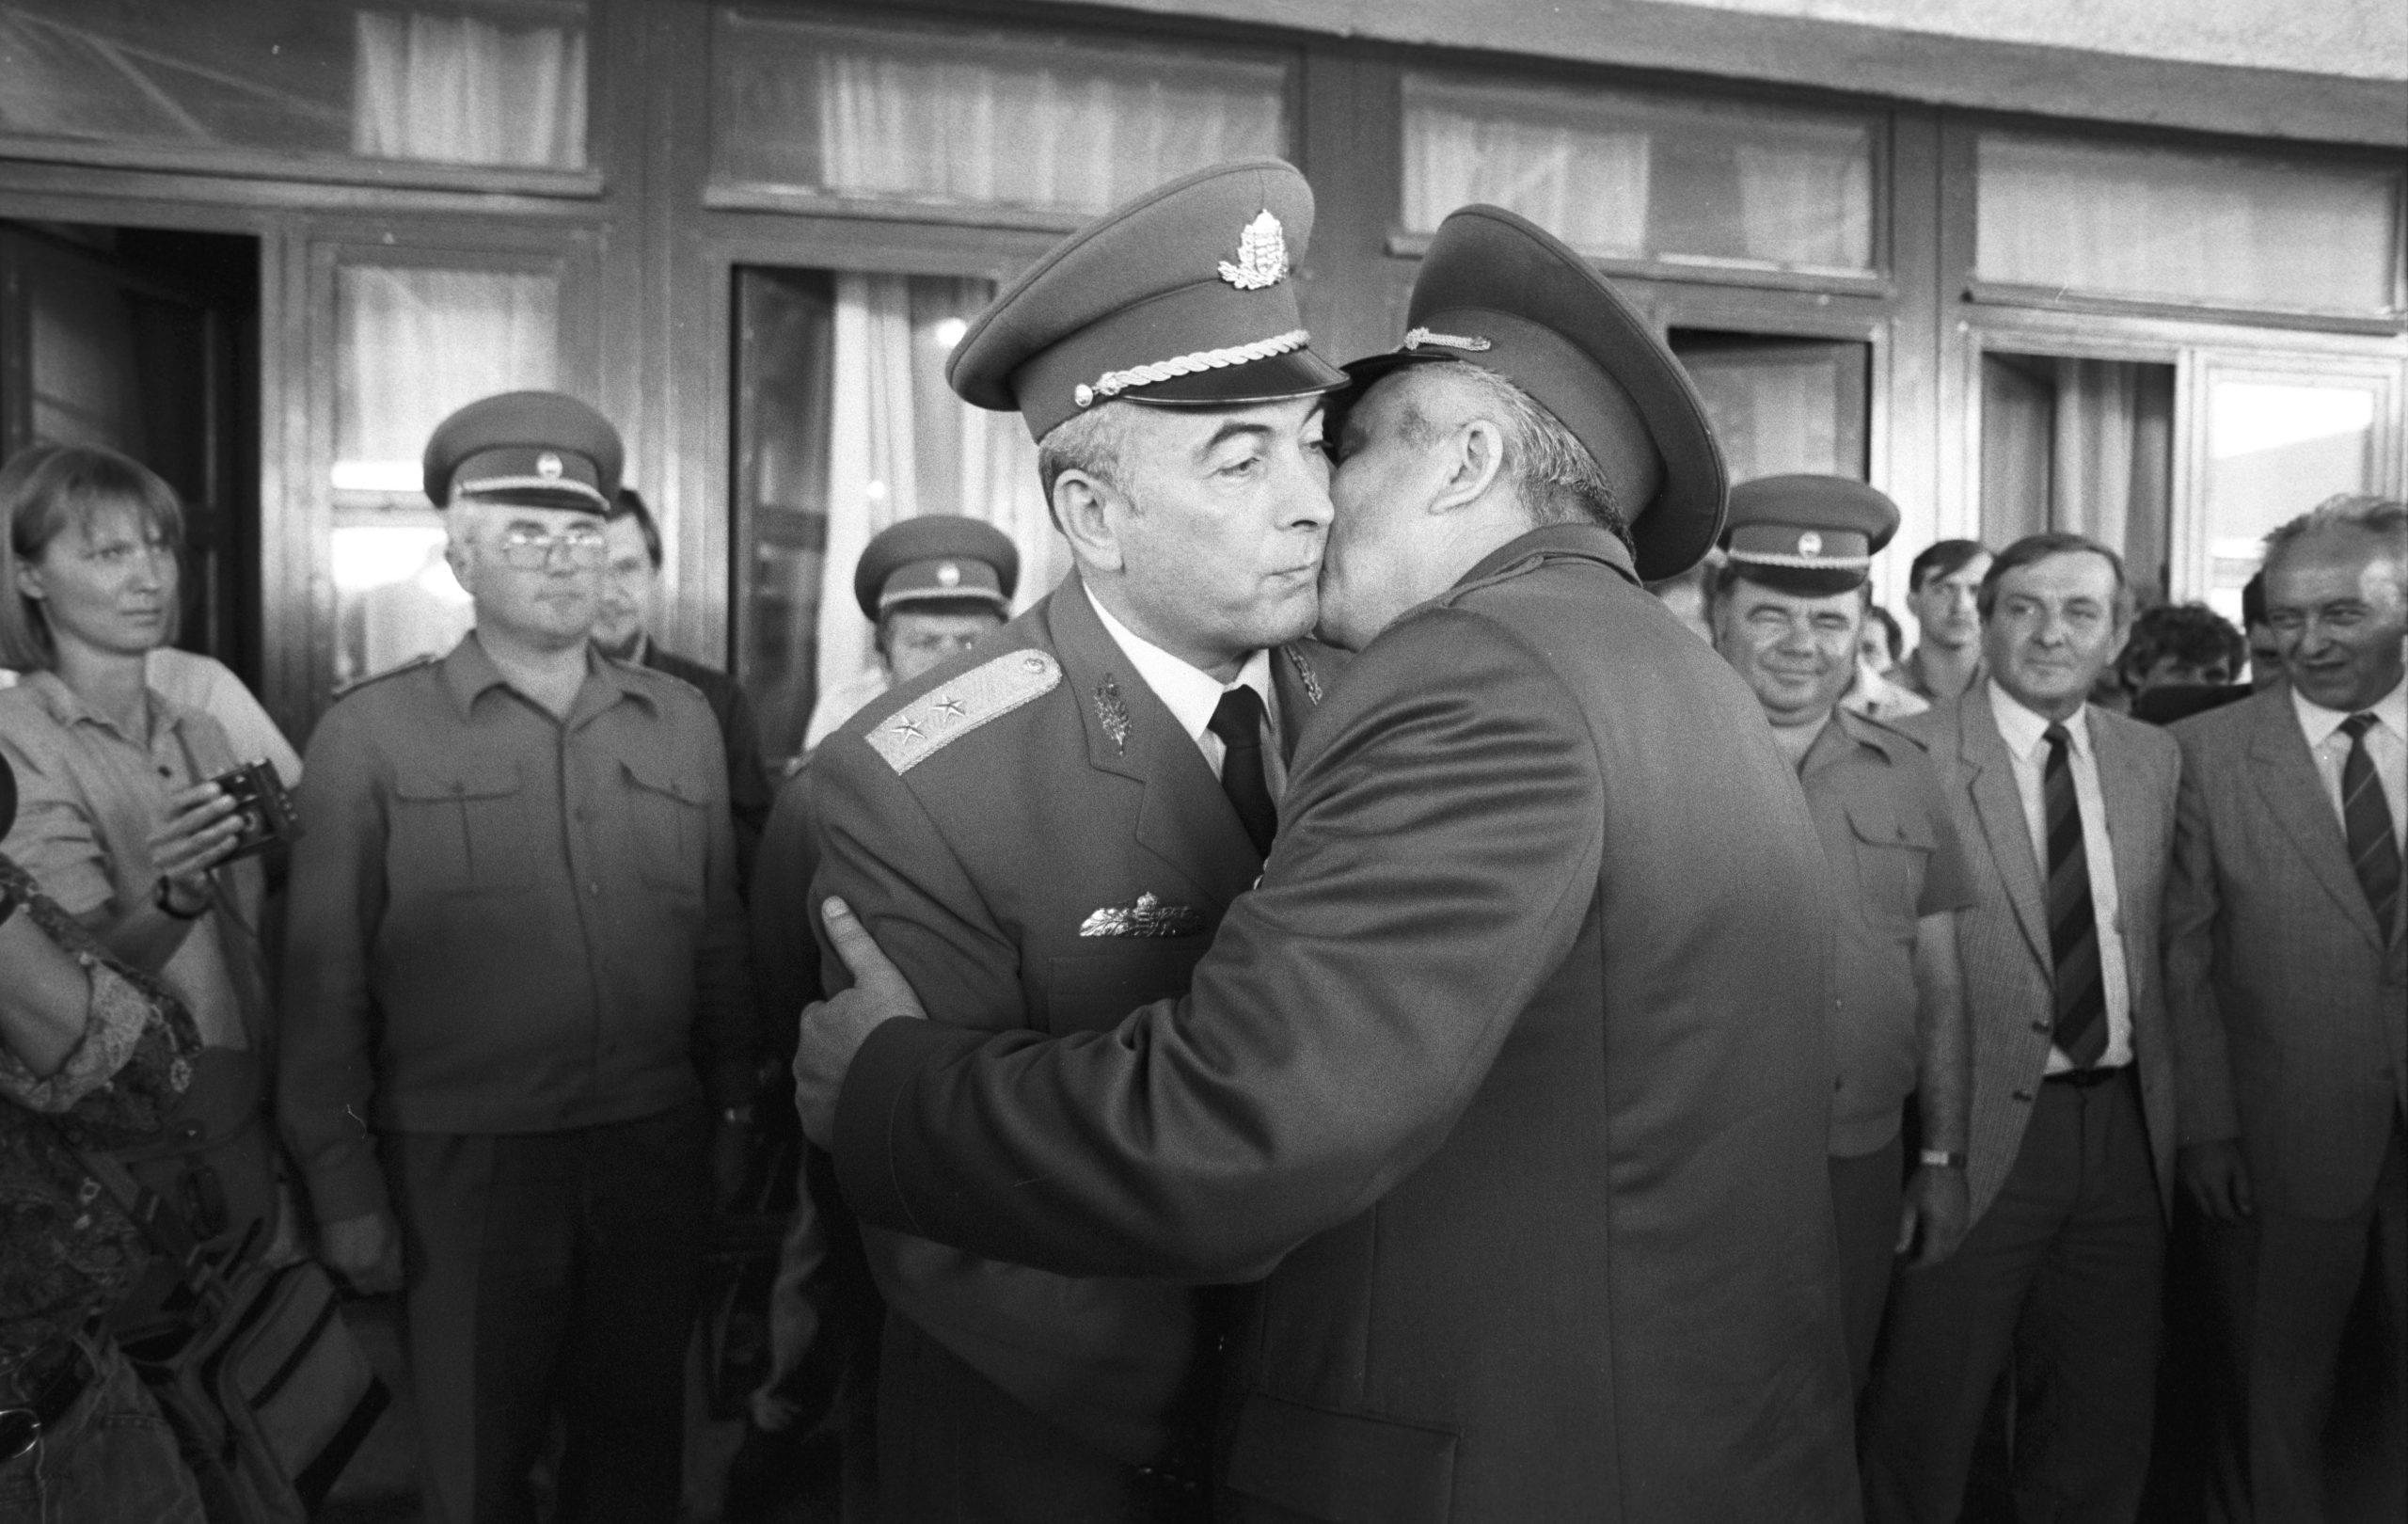 Annus Antal altábornagy, a Honvédelmi Minisztérium államtitkára (b) ünnepélyes keretek között búcsút vesz Viktor Silov (j) altábornagytól / Fotó: MTI